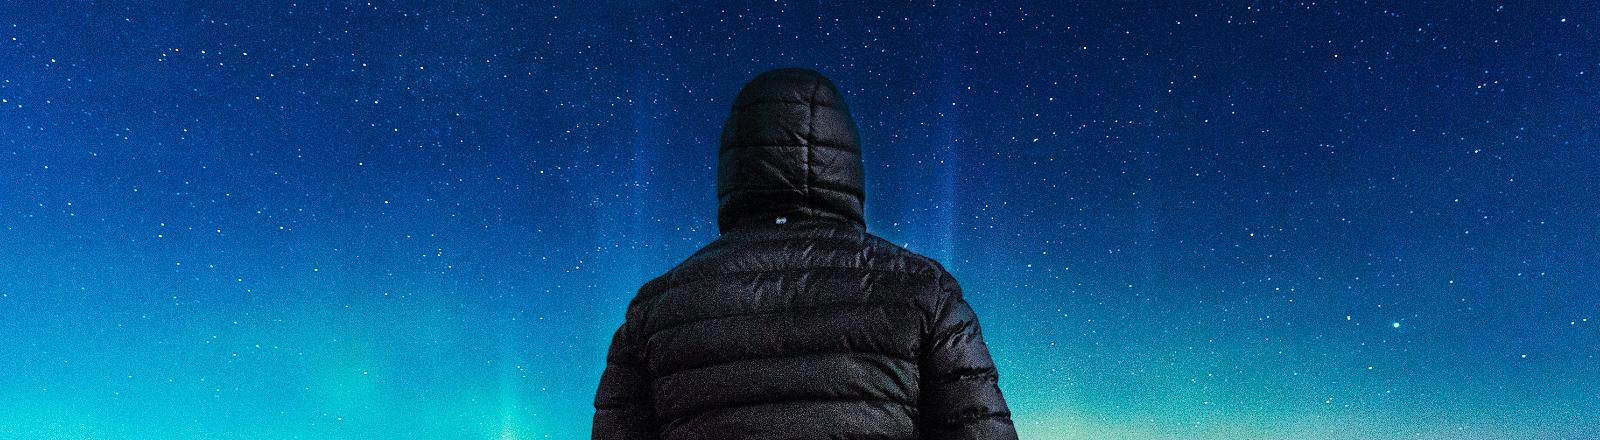 Rückenansicht einer Person, die in den Nachthimmel schaut.